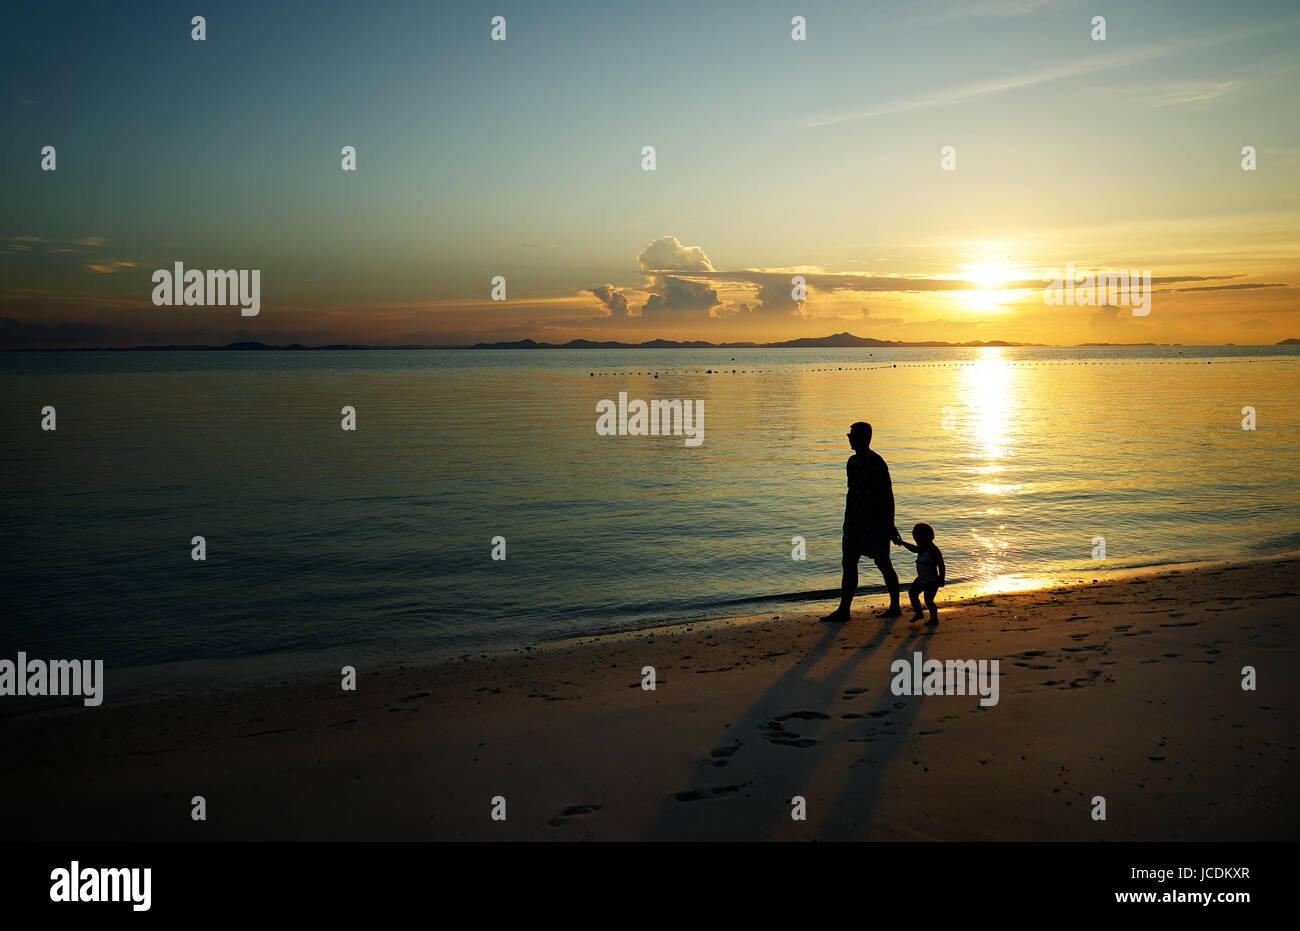 Le père et son enfant marche sur sunset beach , silhouette tourné . Photo Stock